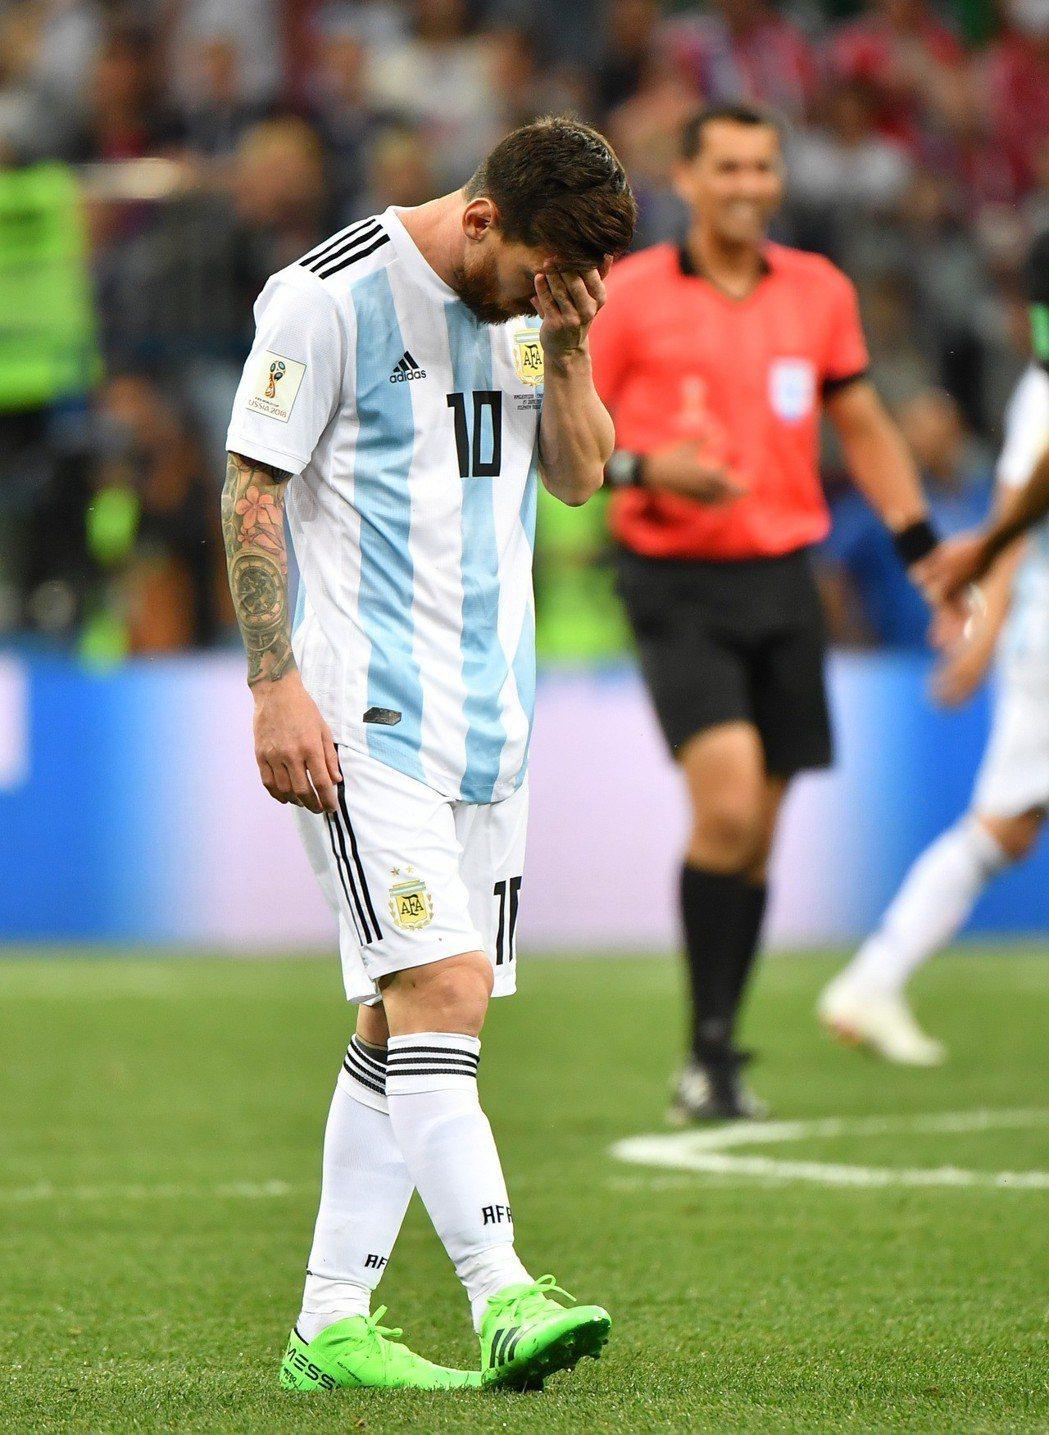 阿根廷隊球員梅西在比賽中神情沮喪。 新華社